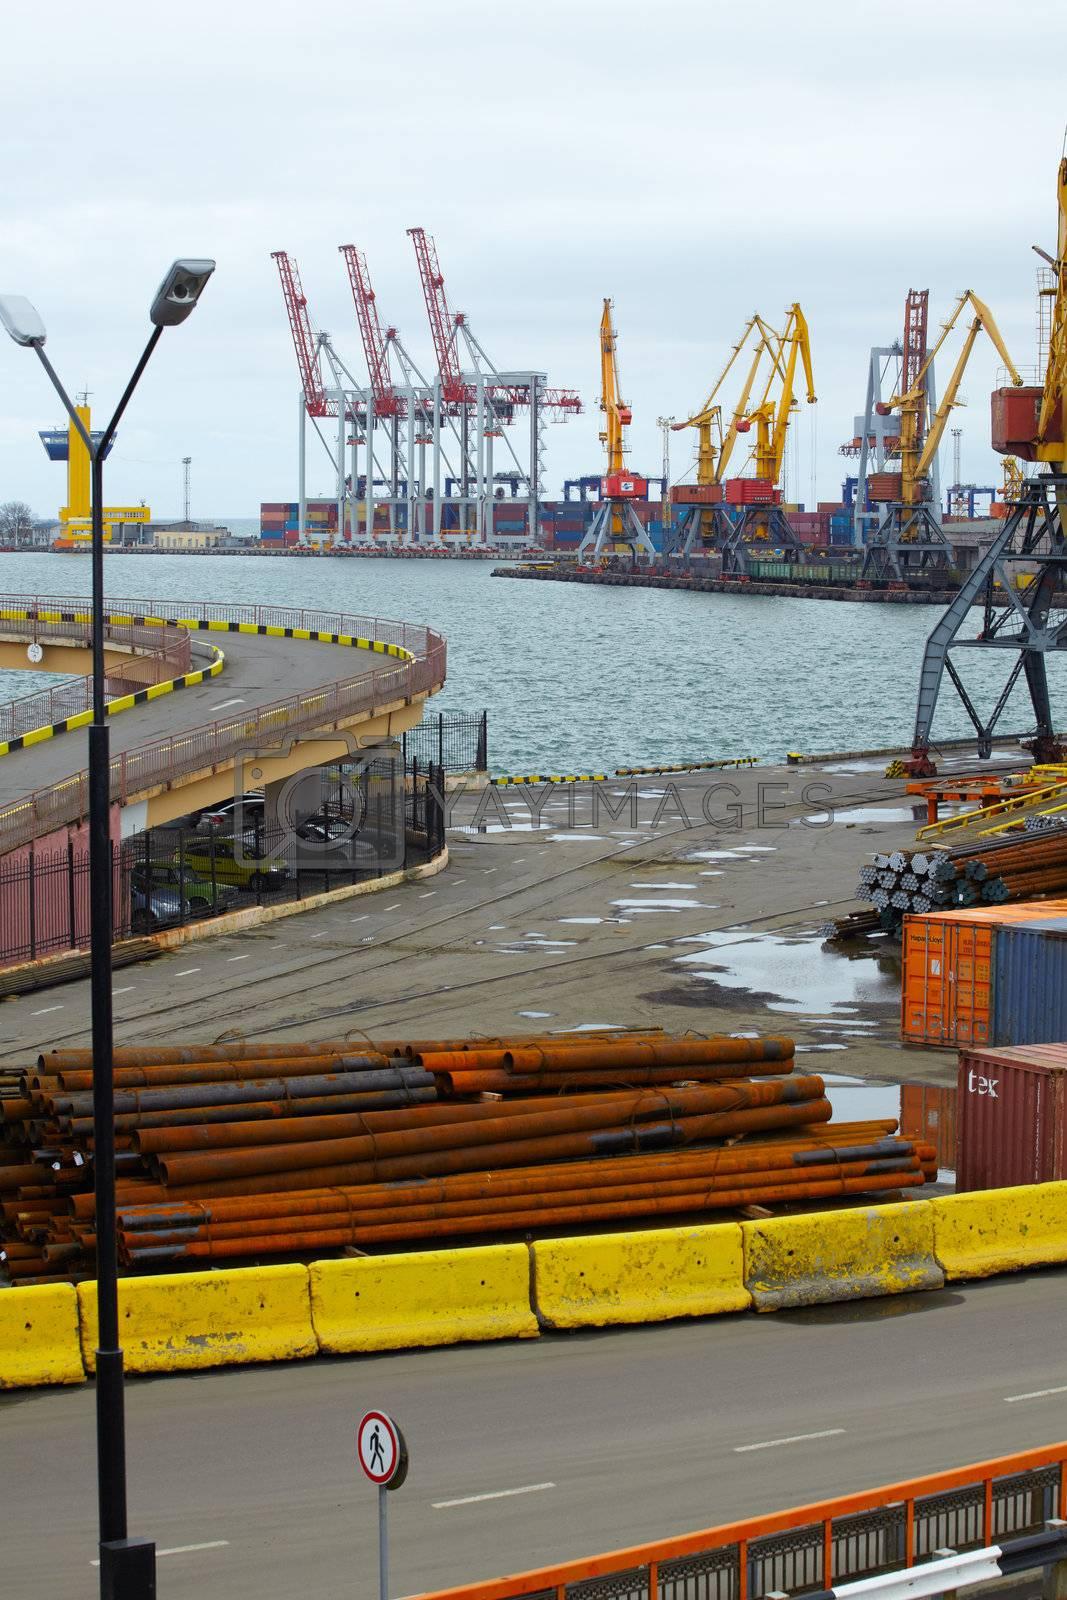 Cargo port in Odessa by bepsimage